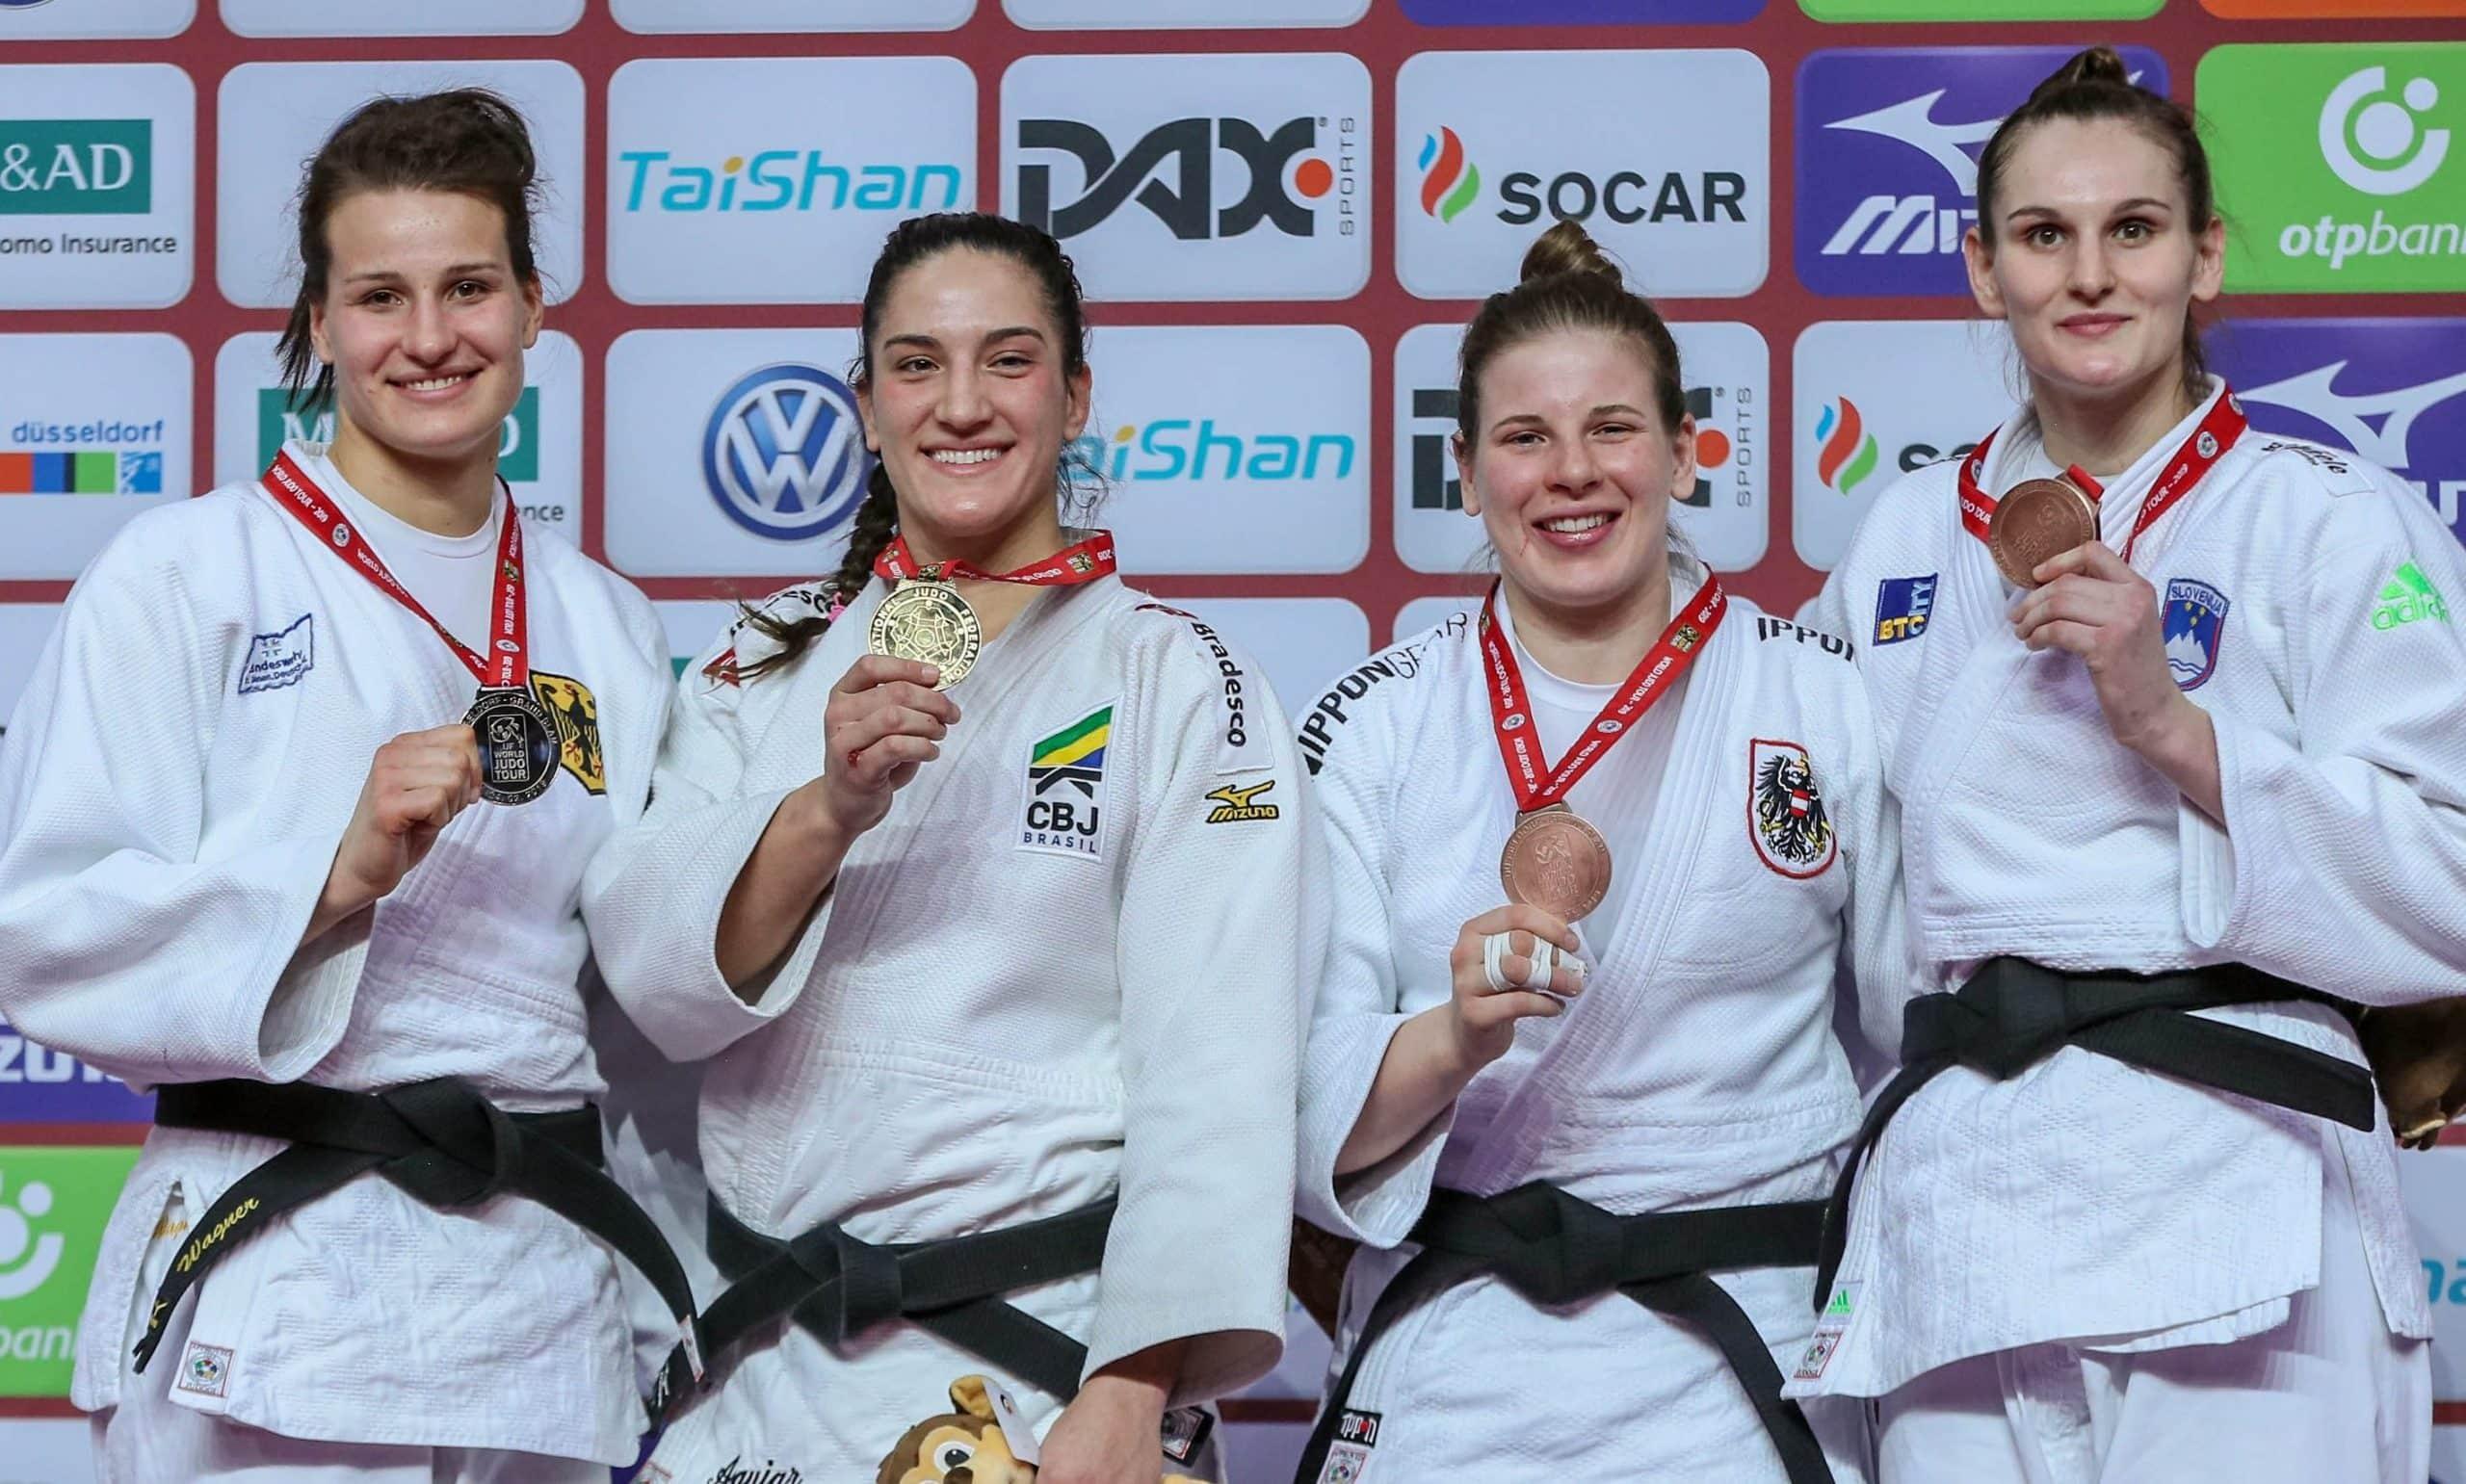 Mayra Aguiar, da seleção brasileira, foi campeã do Grand Slam de Dusseldorf de judô em 2019